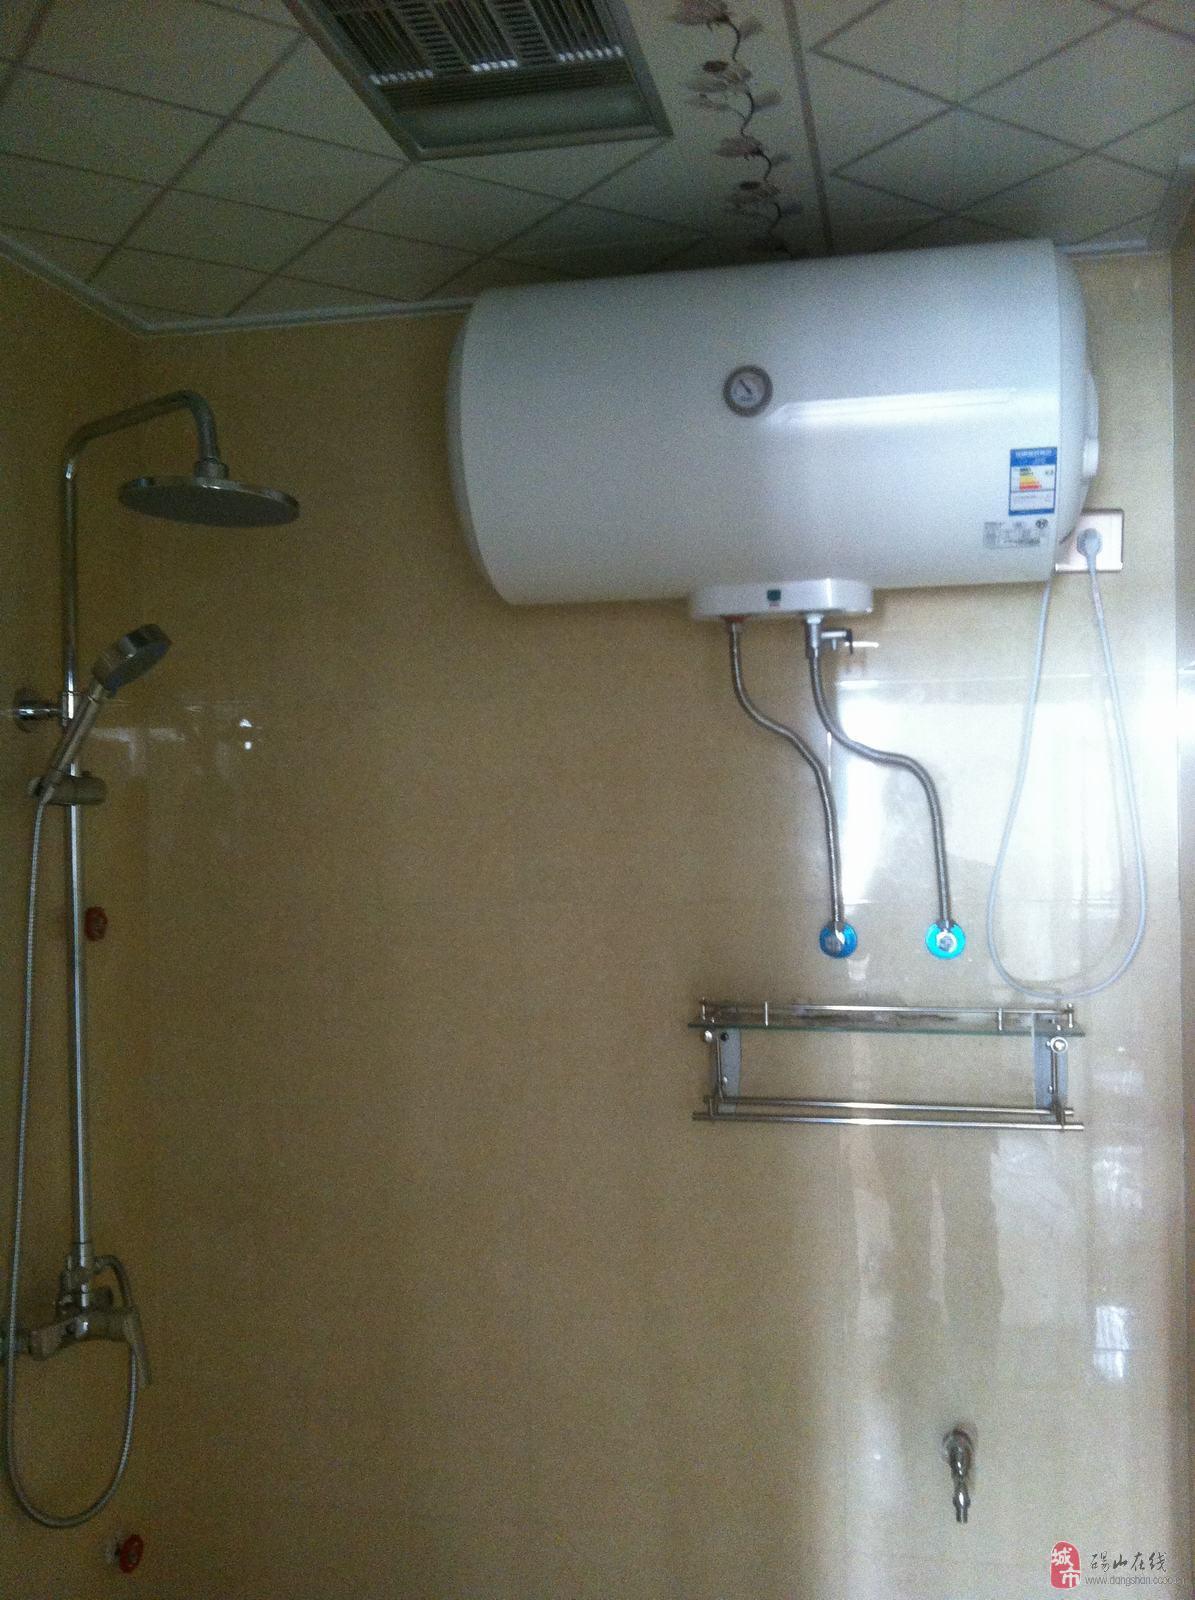 开阳星居 安装 的 海尔电热水器 海尔售后专版